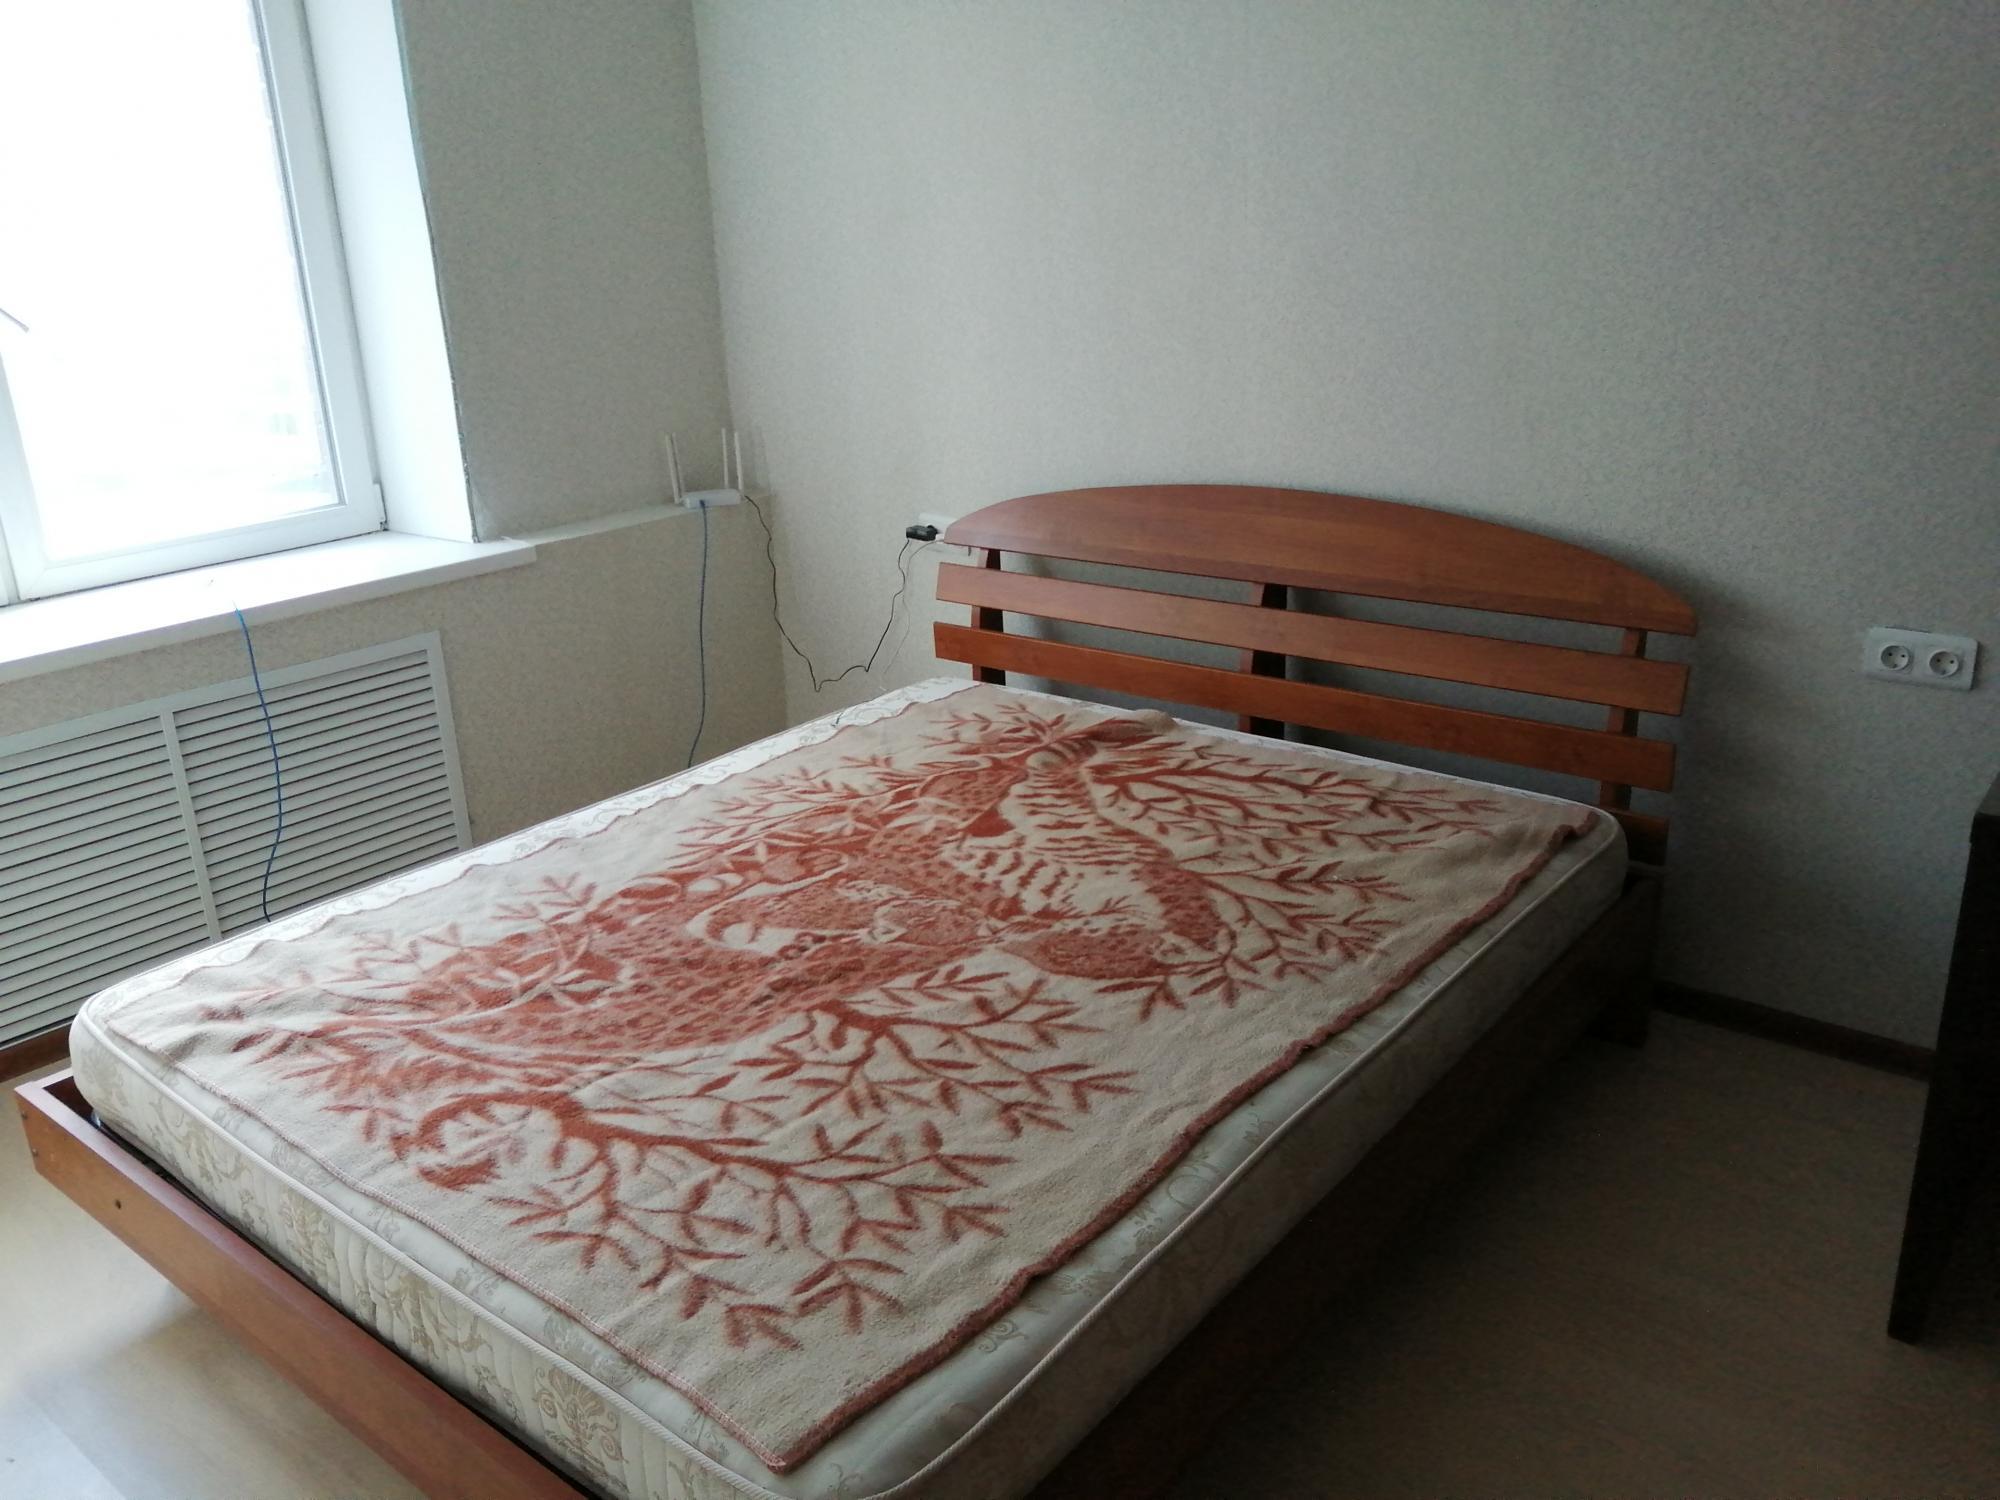 Квартира, 1 комната, 38 м² в Красково 89167750489 купить 2